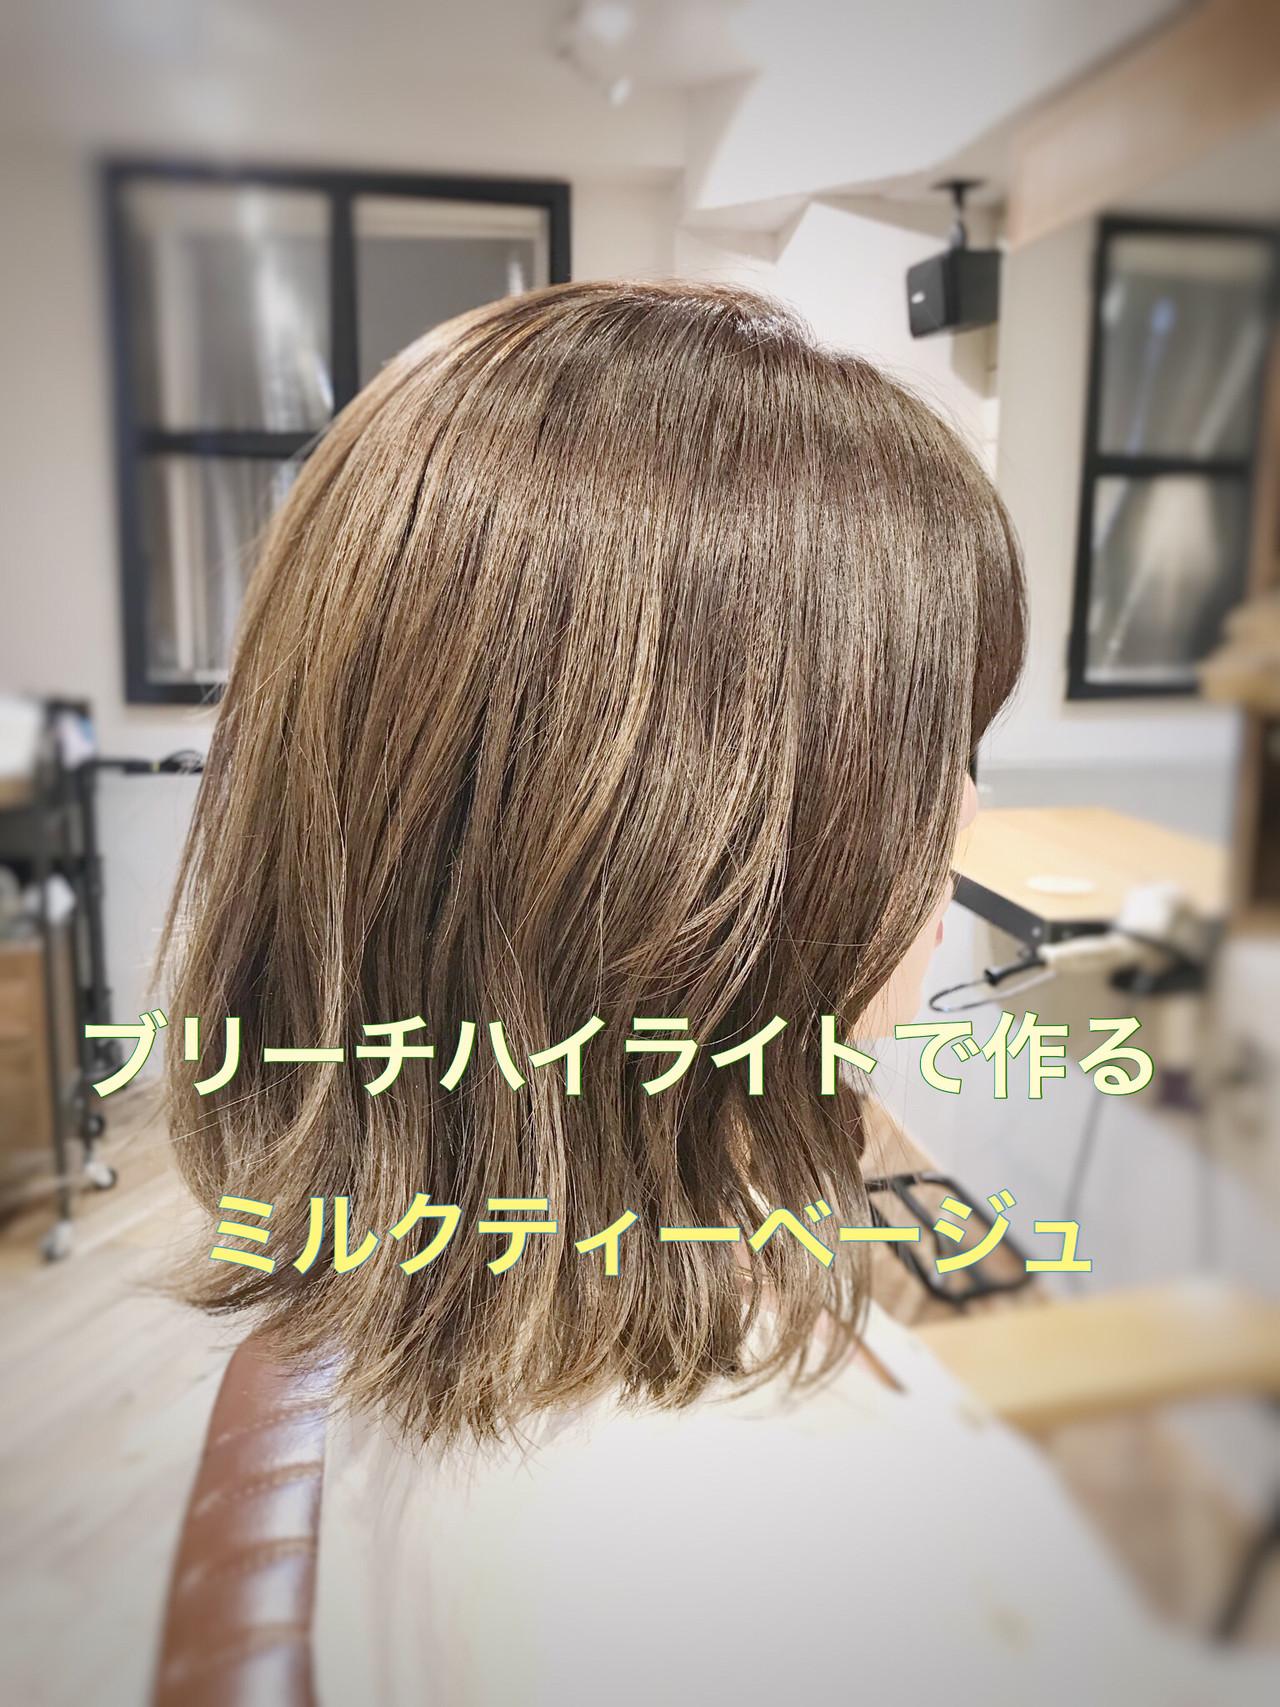 ミディアム 簡単ヘアアレンジ ヘアアレンジ デート ヘアスタイルや髪型の写真・画像